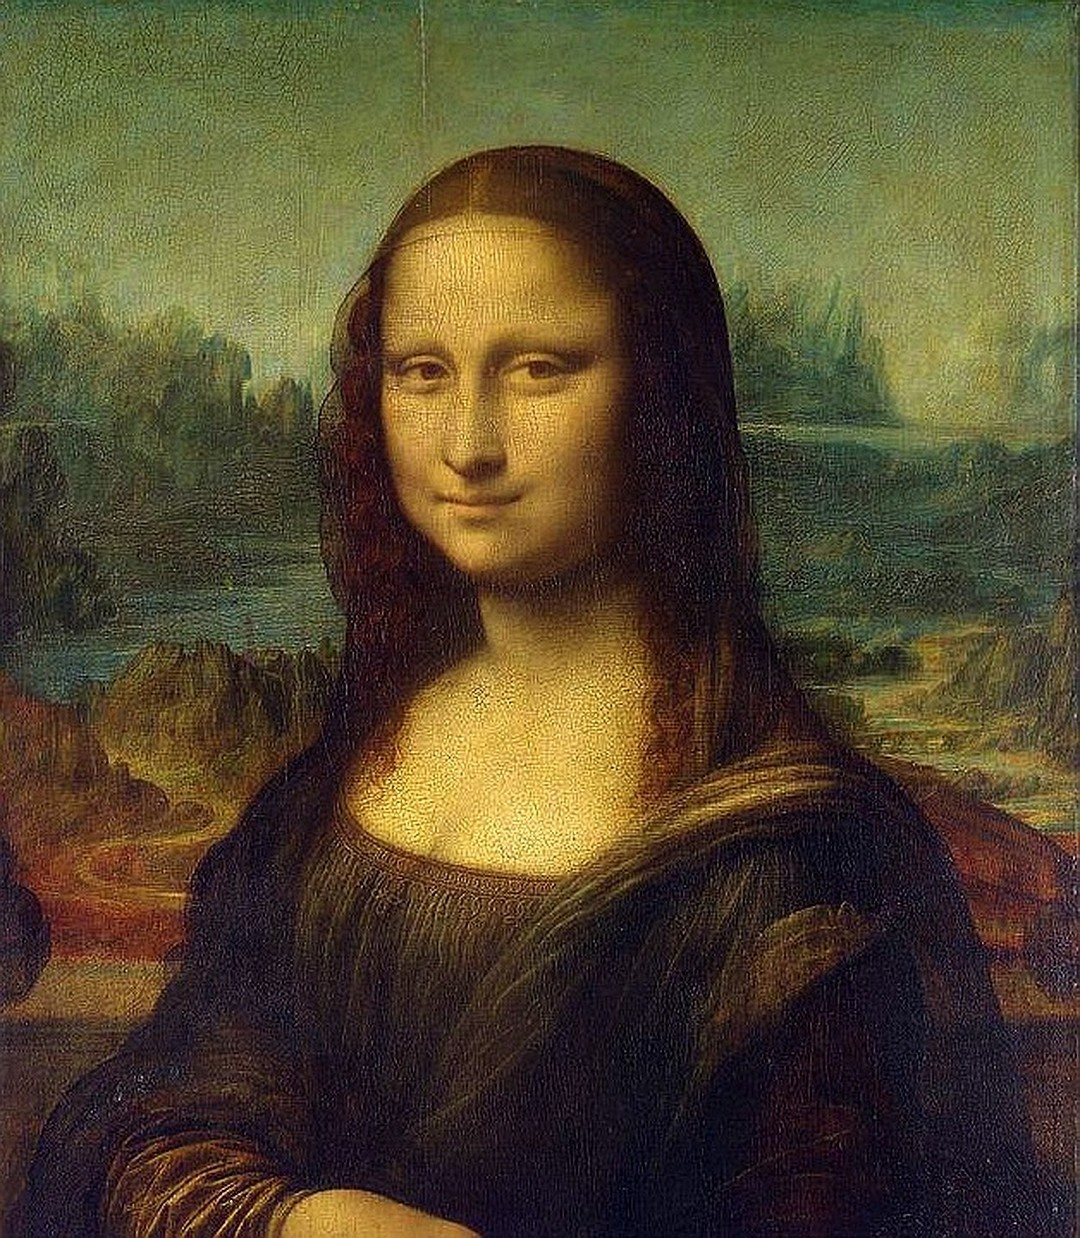 В 1911 году картина была похищена прямо изЛувра. Кэтому приложил руку сотрудник музея, который черезнесколько лет обнаружил себя сам: откликнулся наобъявление опокупке картины вгазе...